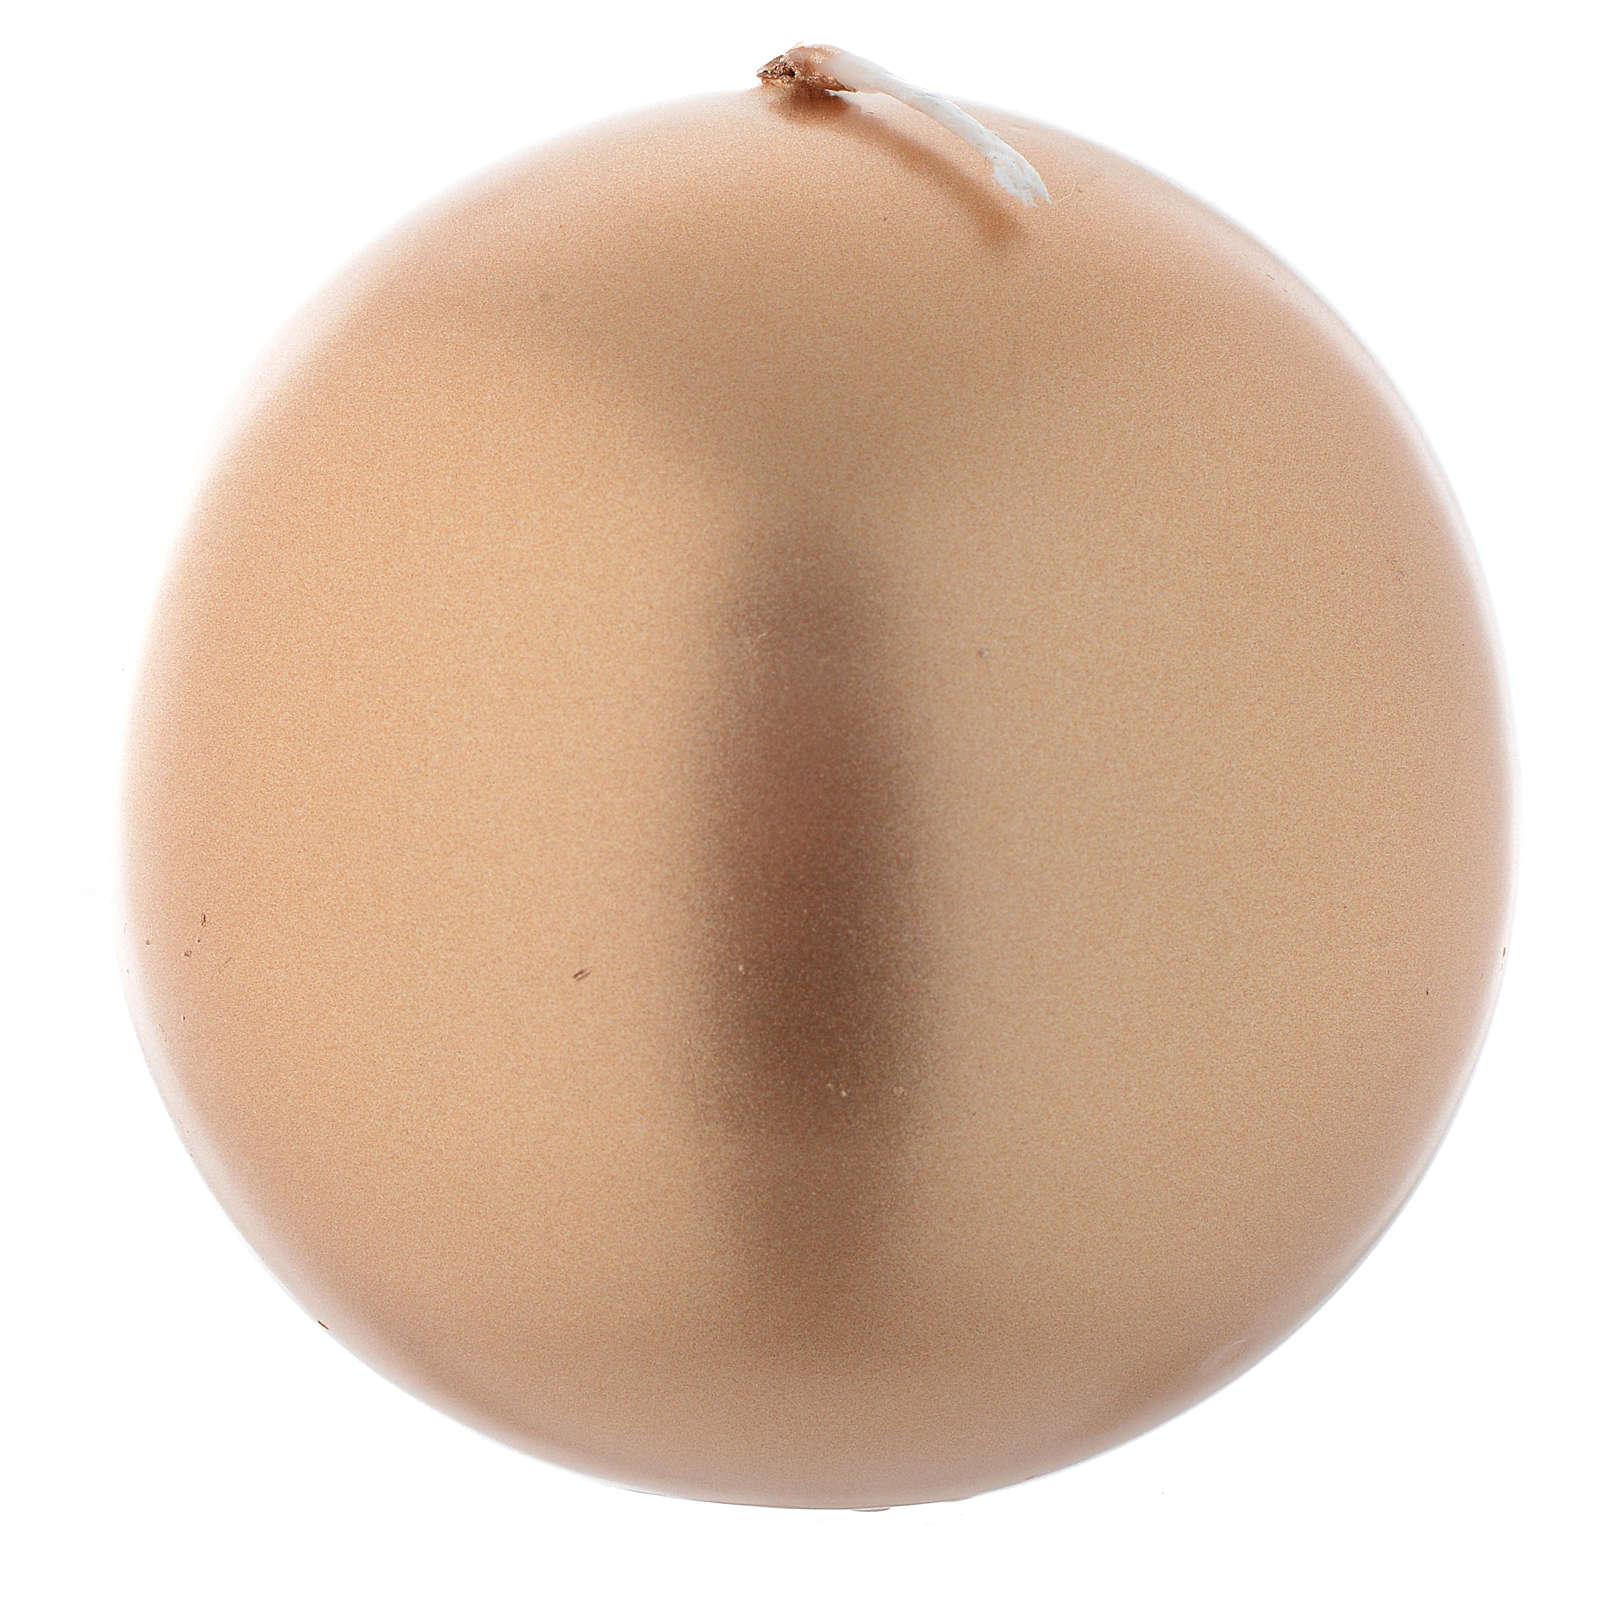 Bougie de Noël sphère or diam 8 cm 3